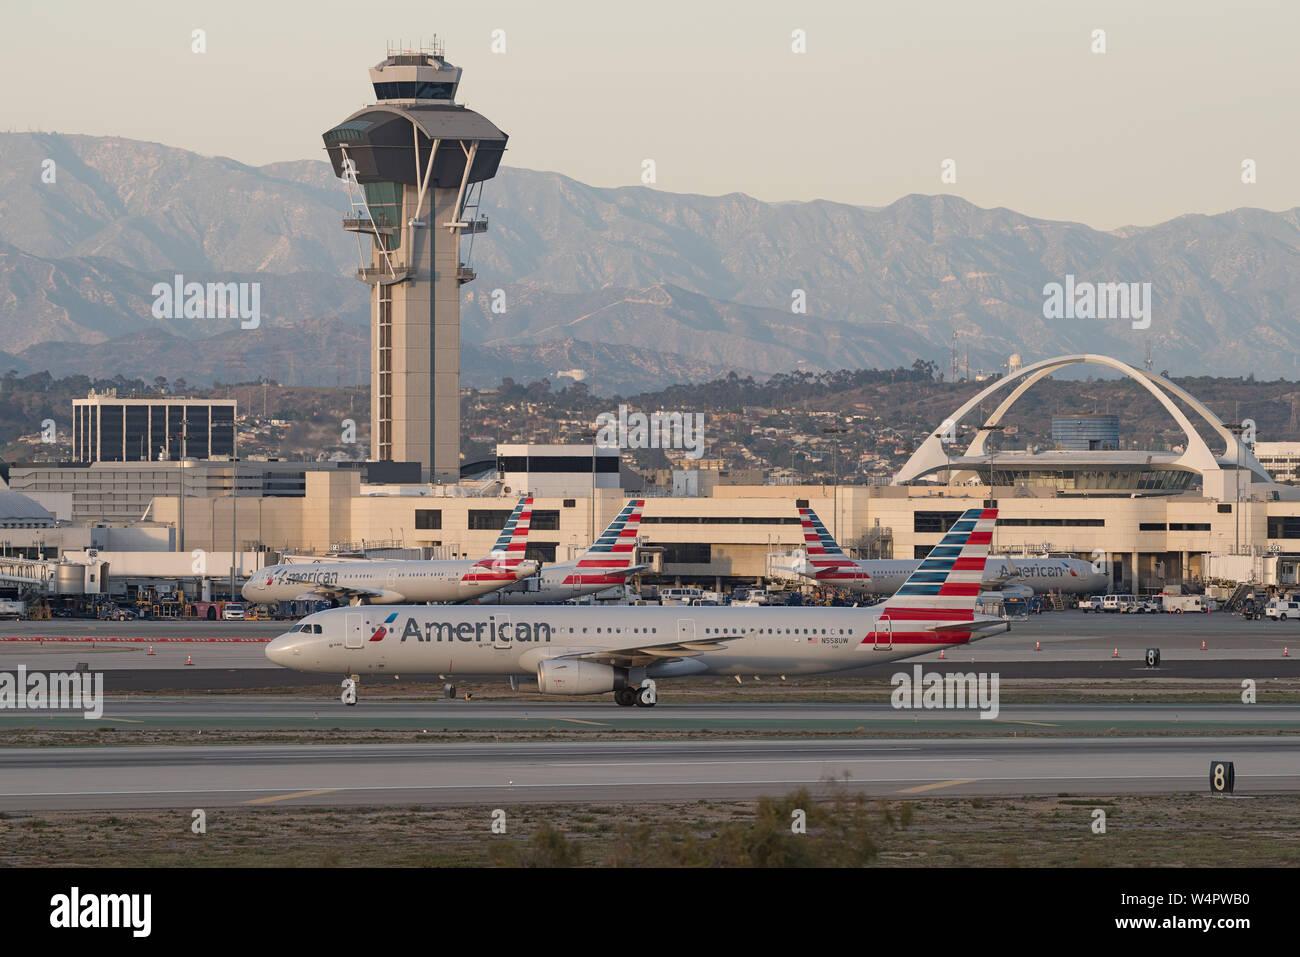 Imagen que muestra cuatro jets de American Airlines en el Aeropuerto Internacional de Los Angeles . Foto de stock